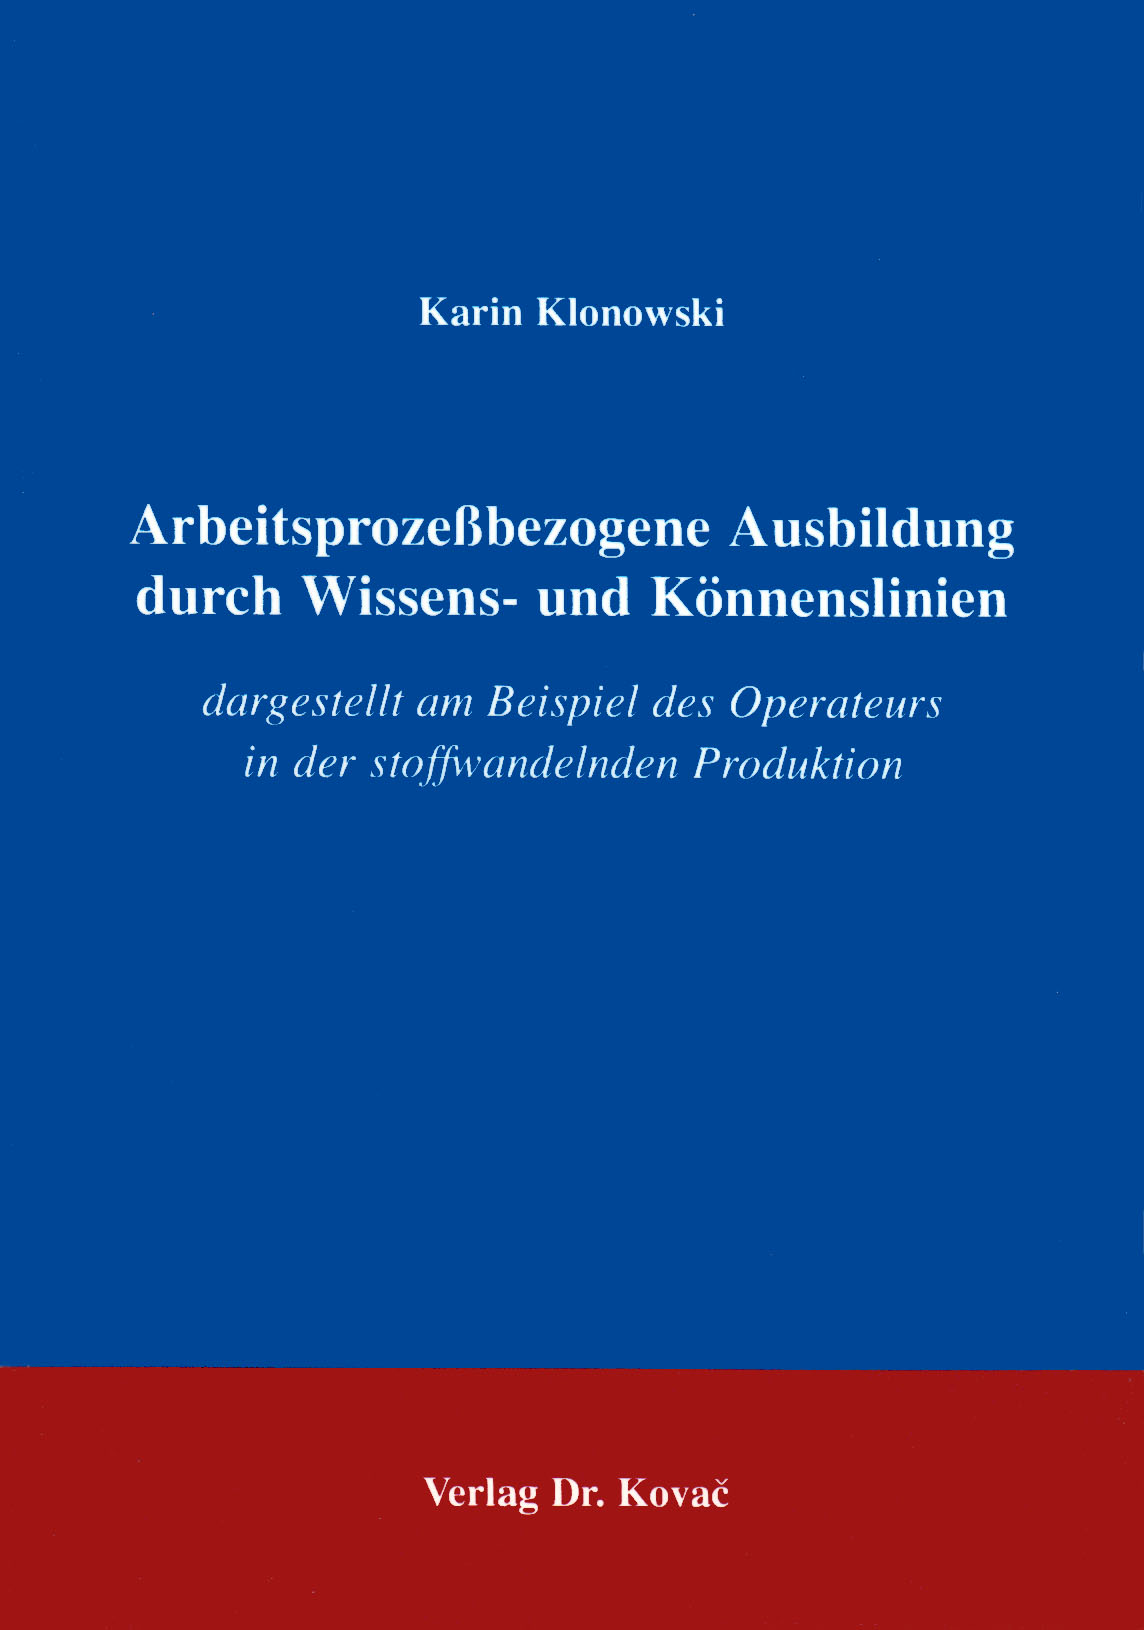 Cover: Arbeitsprozeßbezogene Ausbildung durch Wissens- und Könnenslinien dargestellt am Beispiel des Operateurs in der stoffwandelnden Produktion